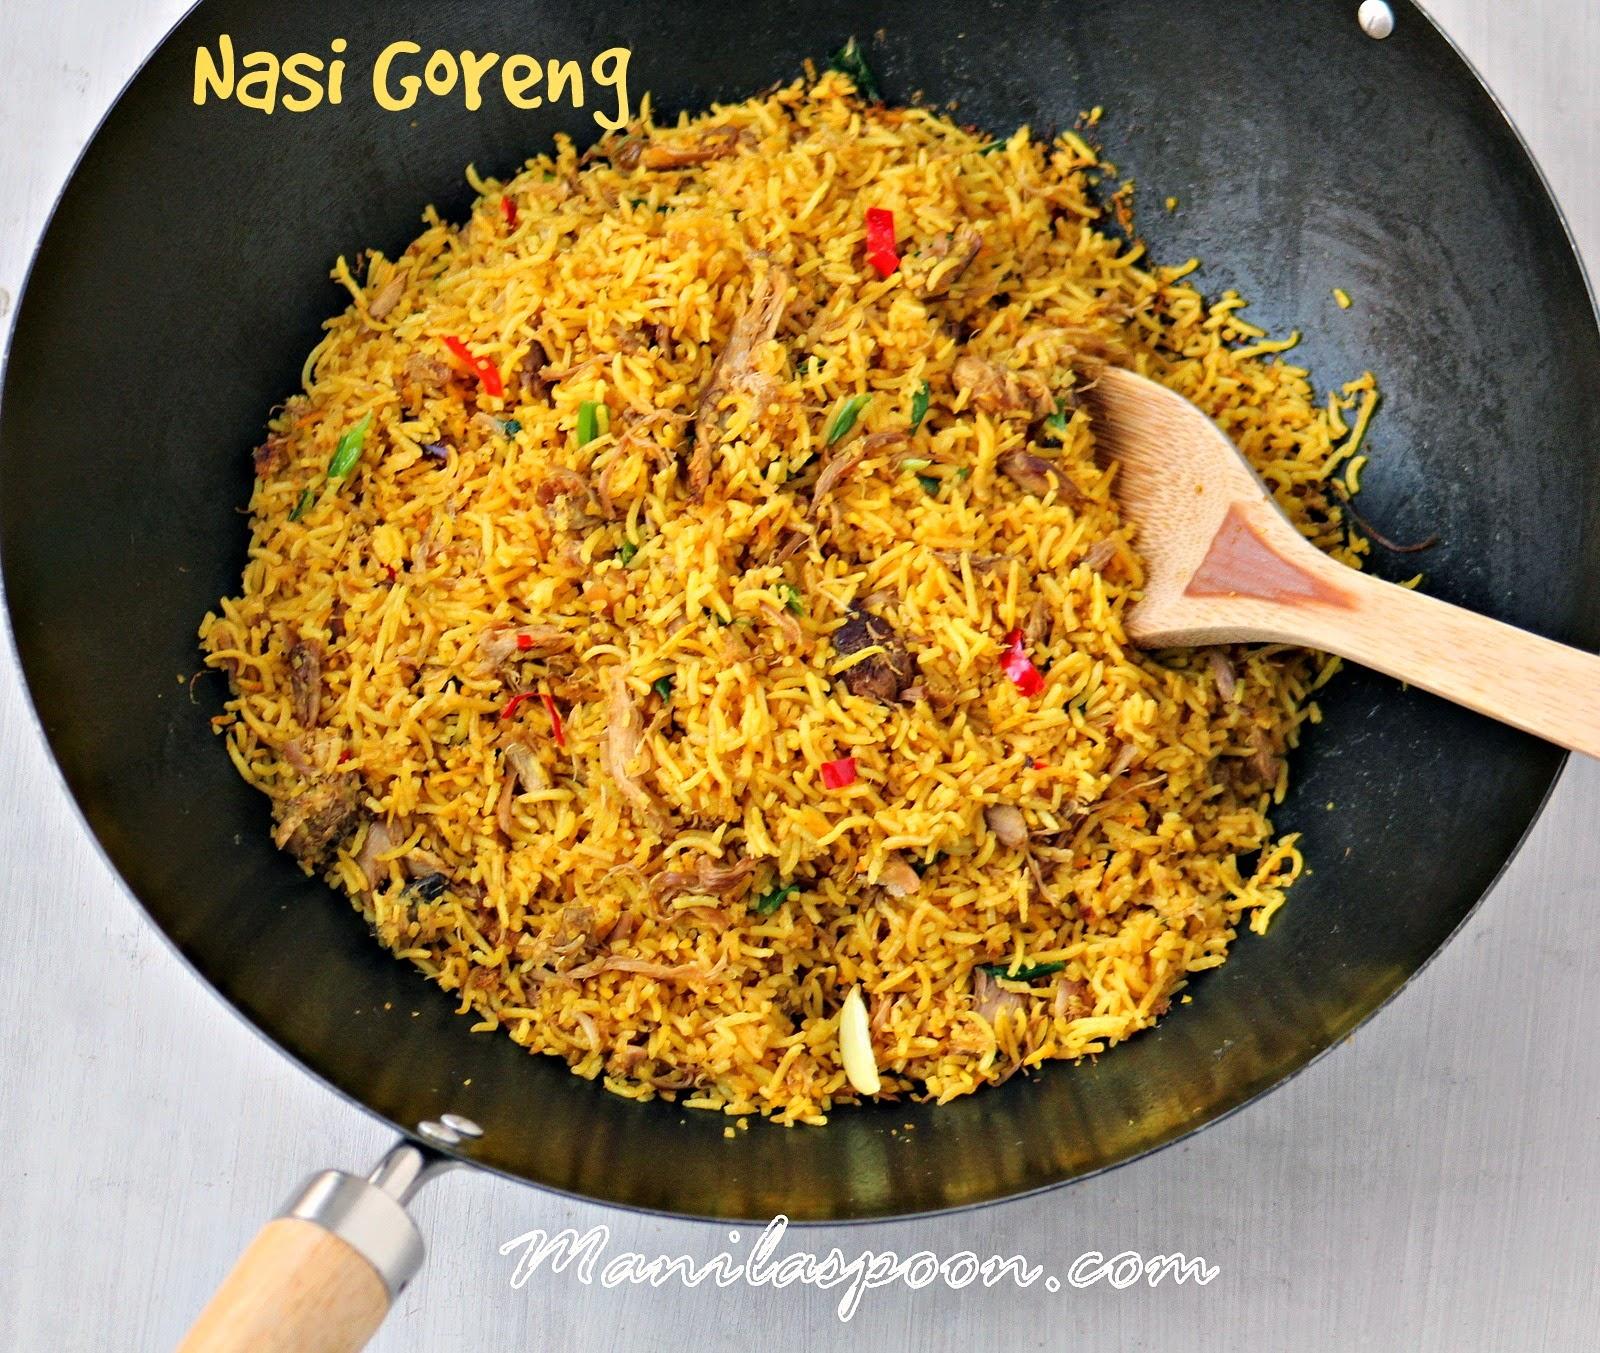 Nasi Goreng (Indonesian-style Fried Rice) | Manila Spoon